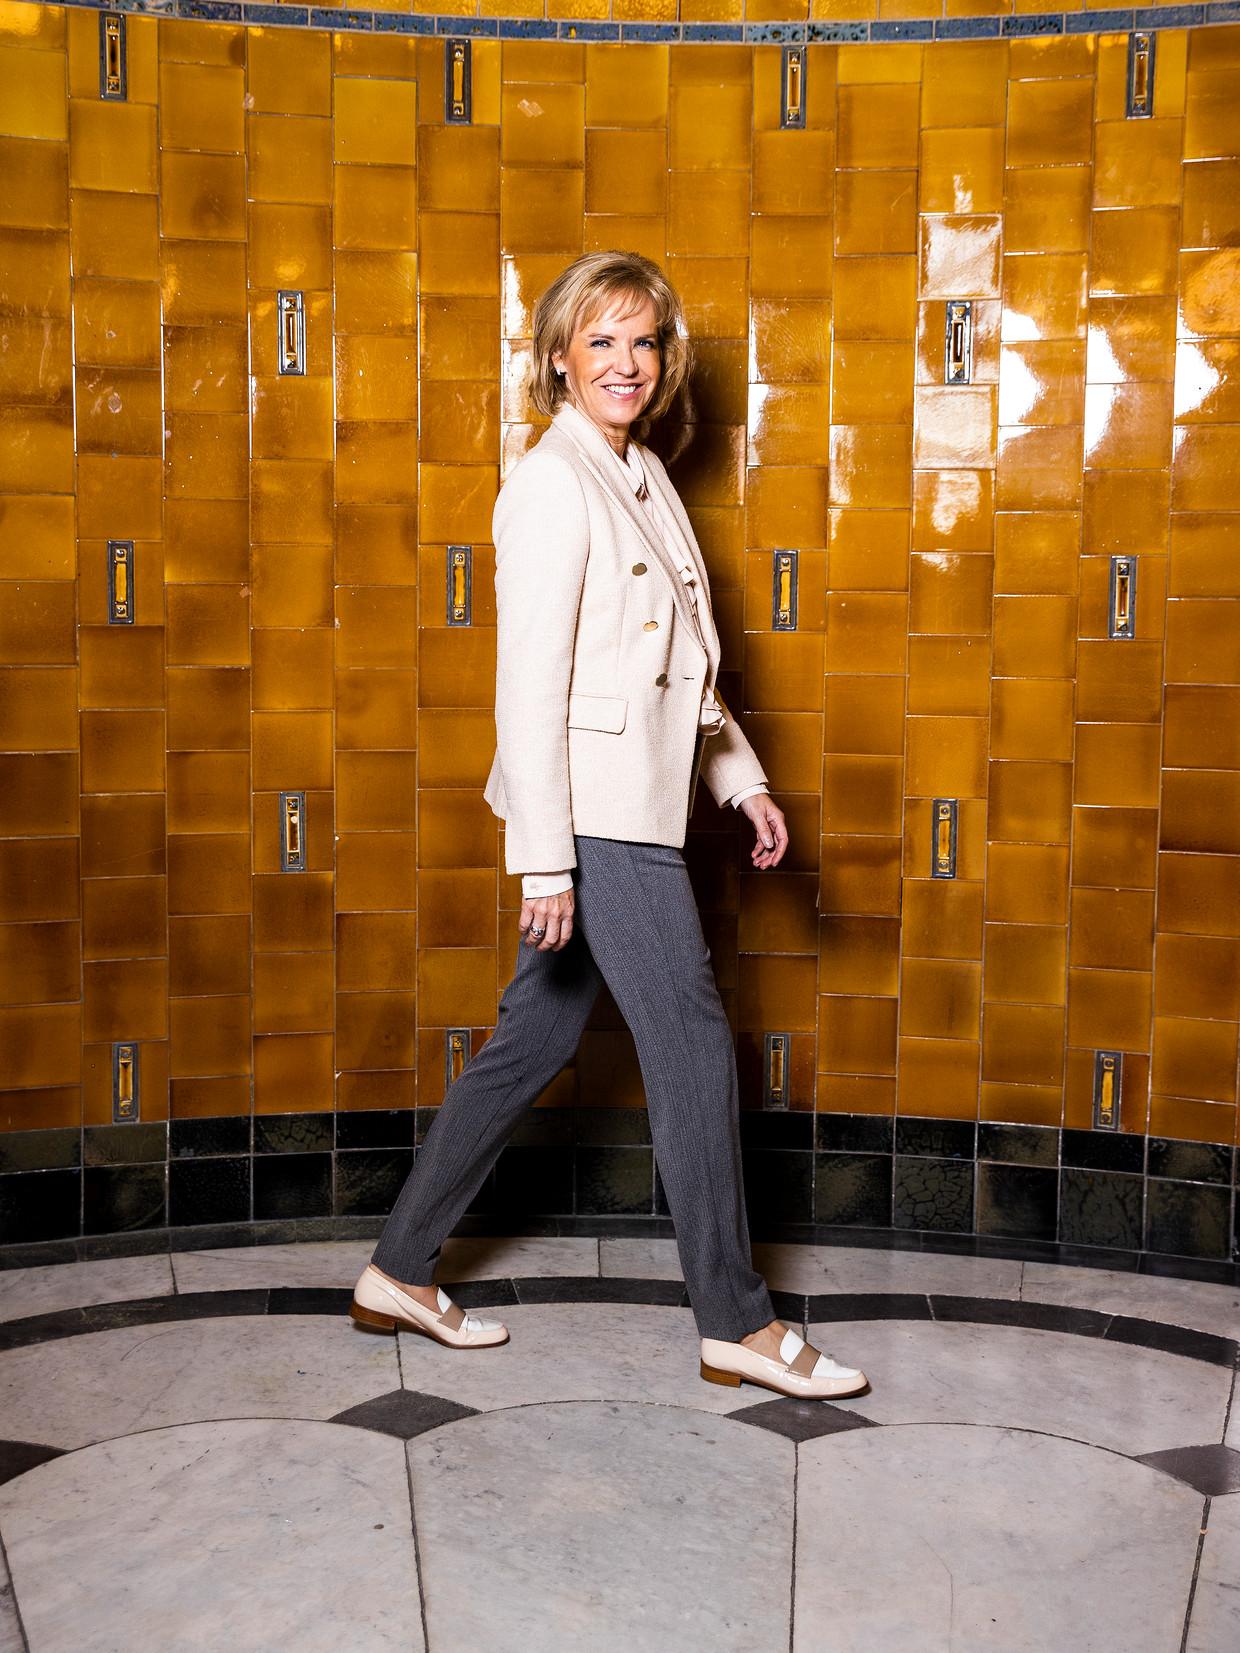 Simone Huis in 't Veld, de hoogste baas van Euronext in Amsterdam. Beeld Jiri Büller / de Volkskrant